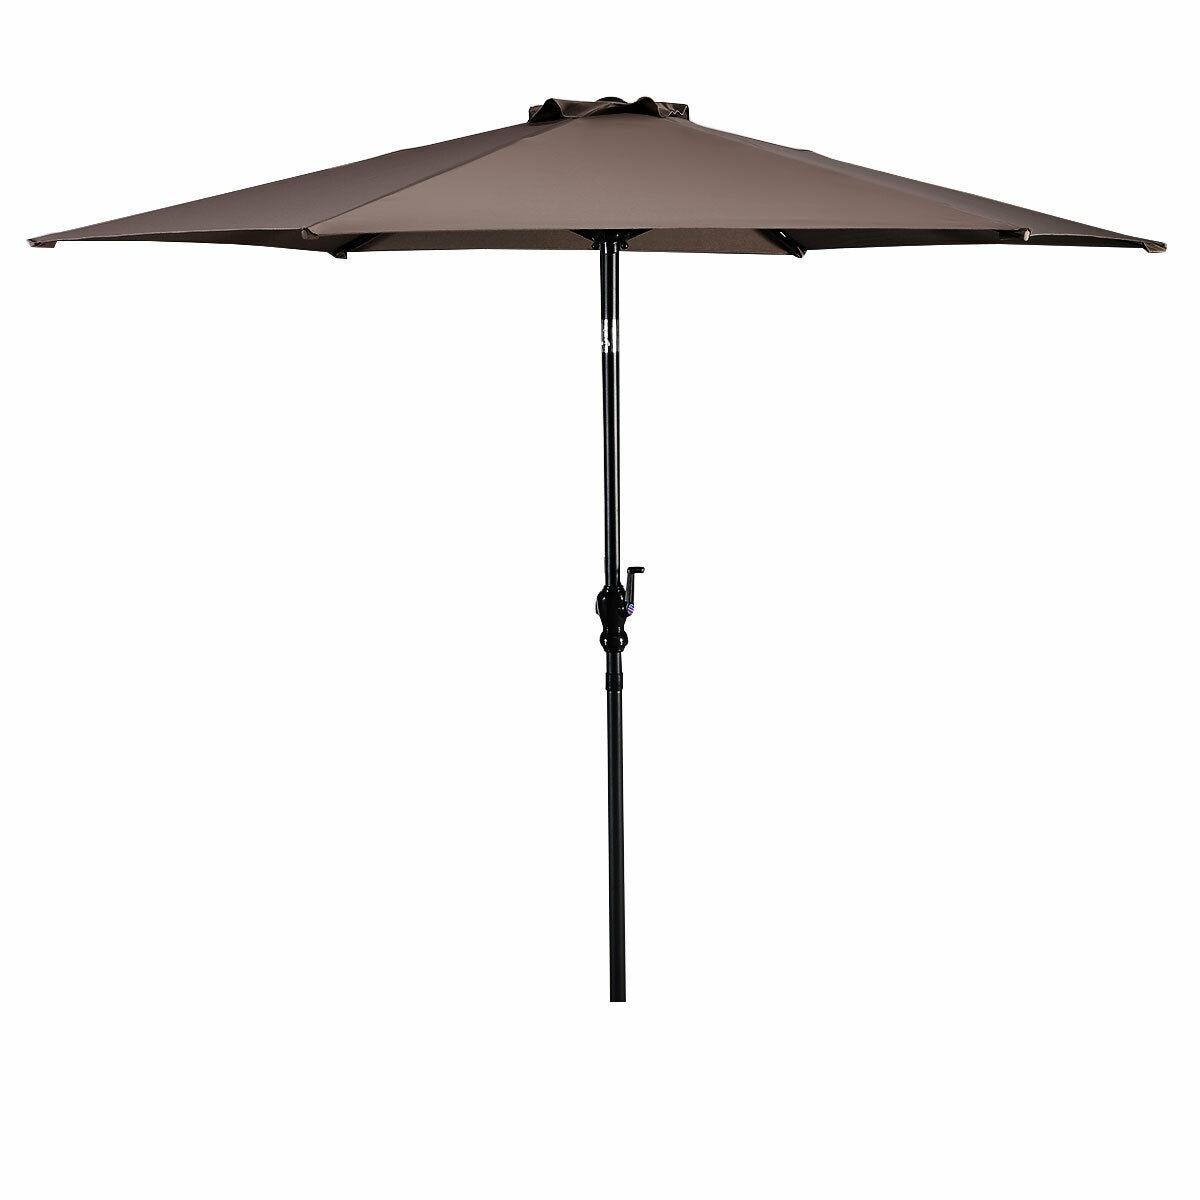 Costway 9ft Patio Umbrella Patio Market Steel Tilt w/ Crank Outdoor Yard Garden (Tan)